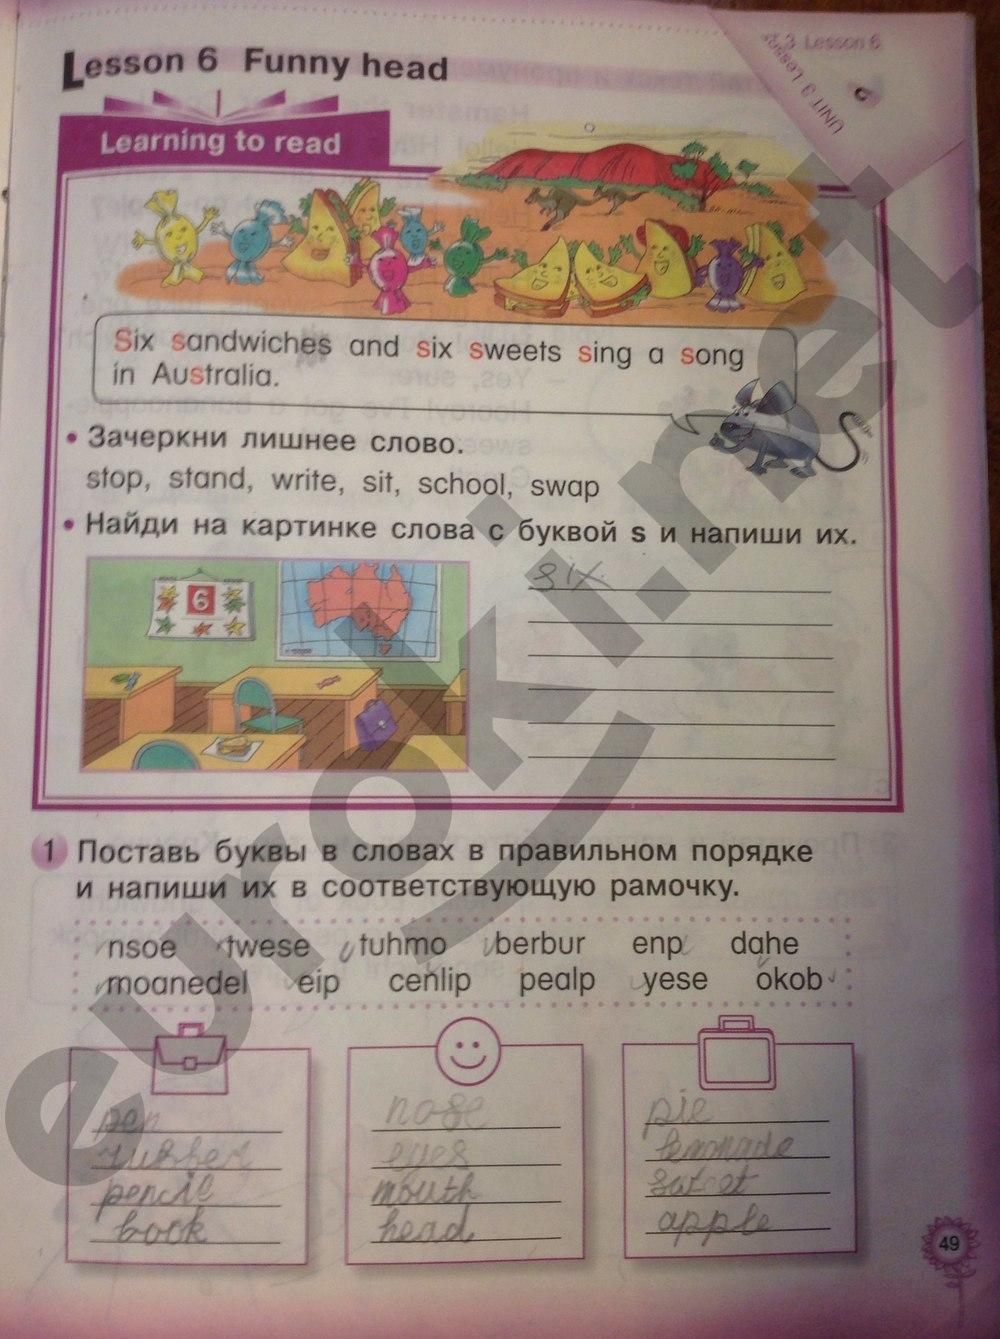 ГДЗ по английскому языку 1 класс рабочая тетрадь Колтавская А.А. Костюк Е.В. Часть 1. Задание: стр. 49